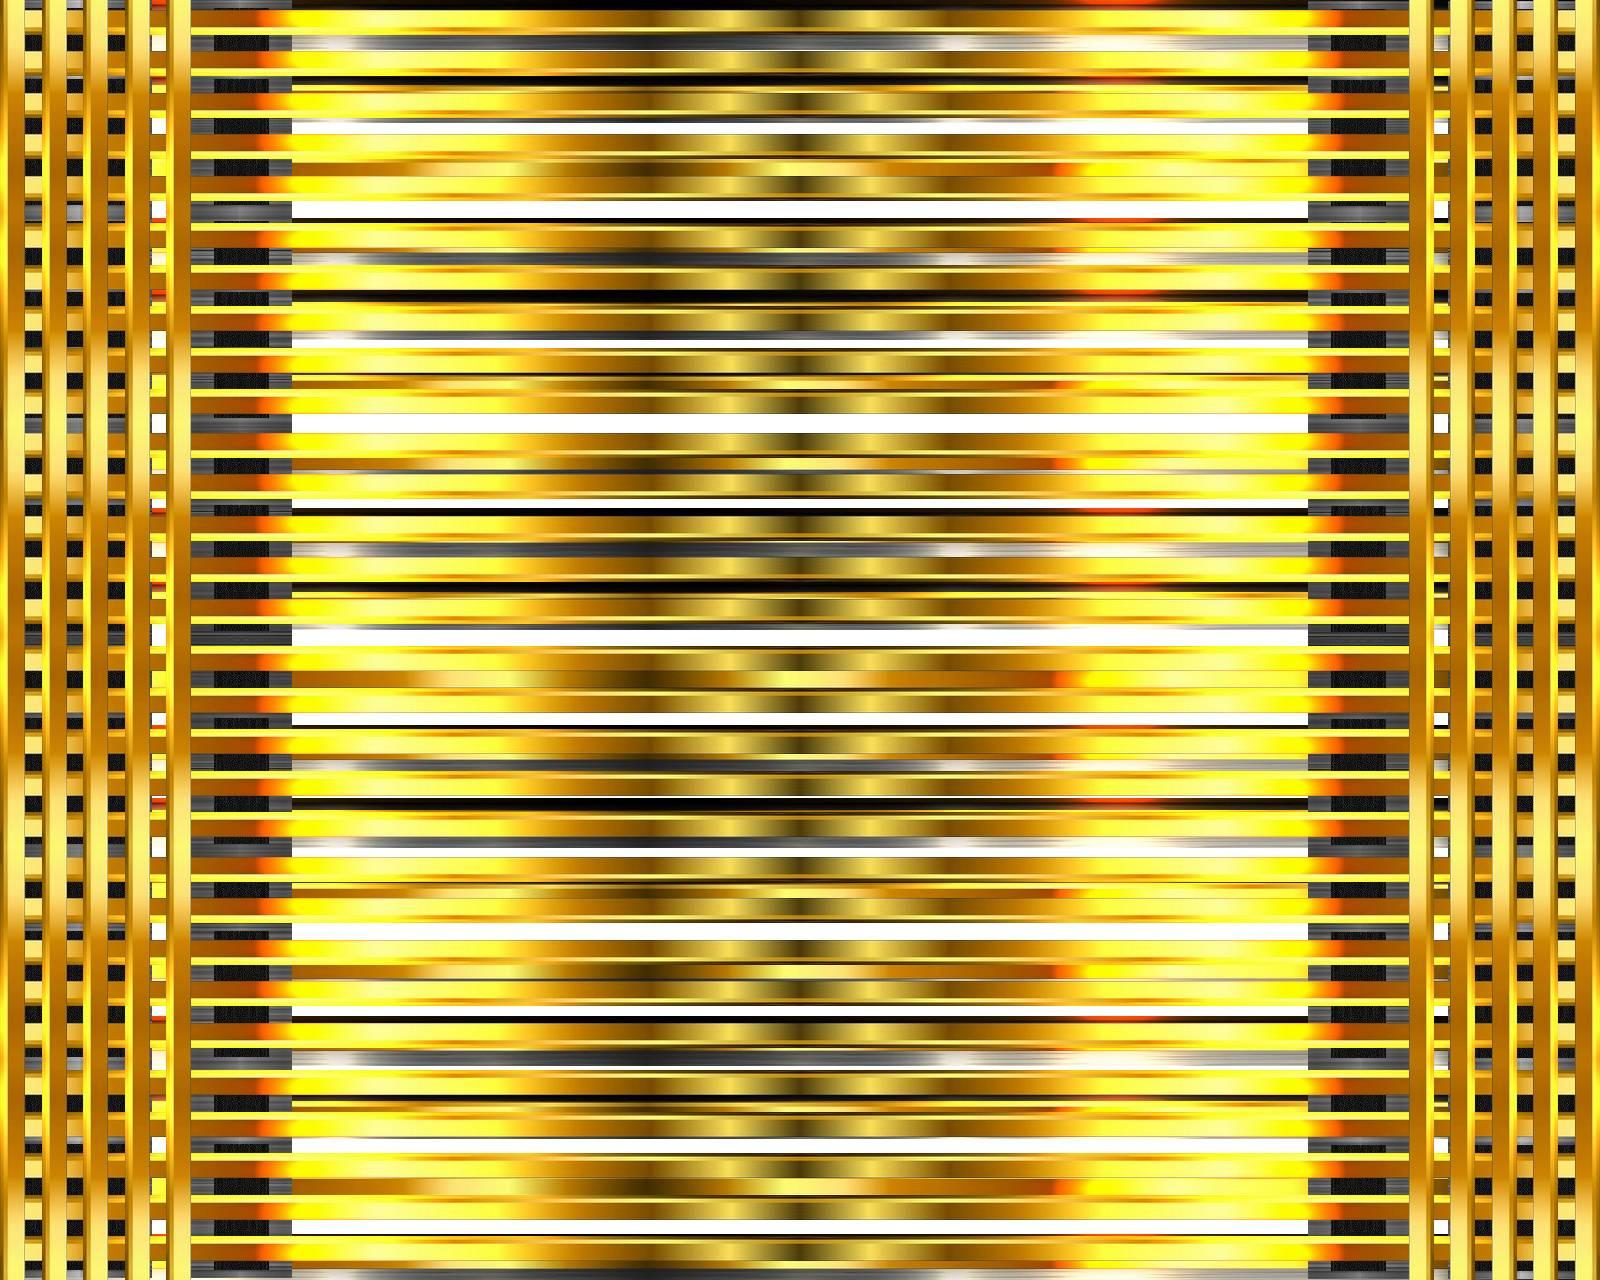 Gold Strapz